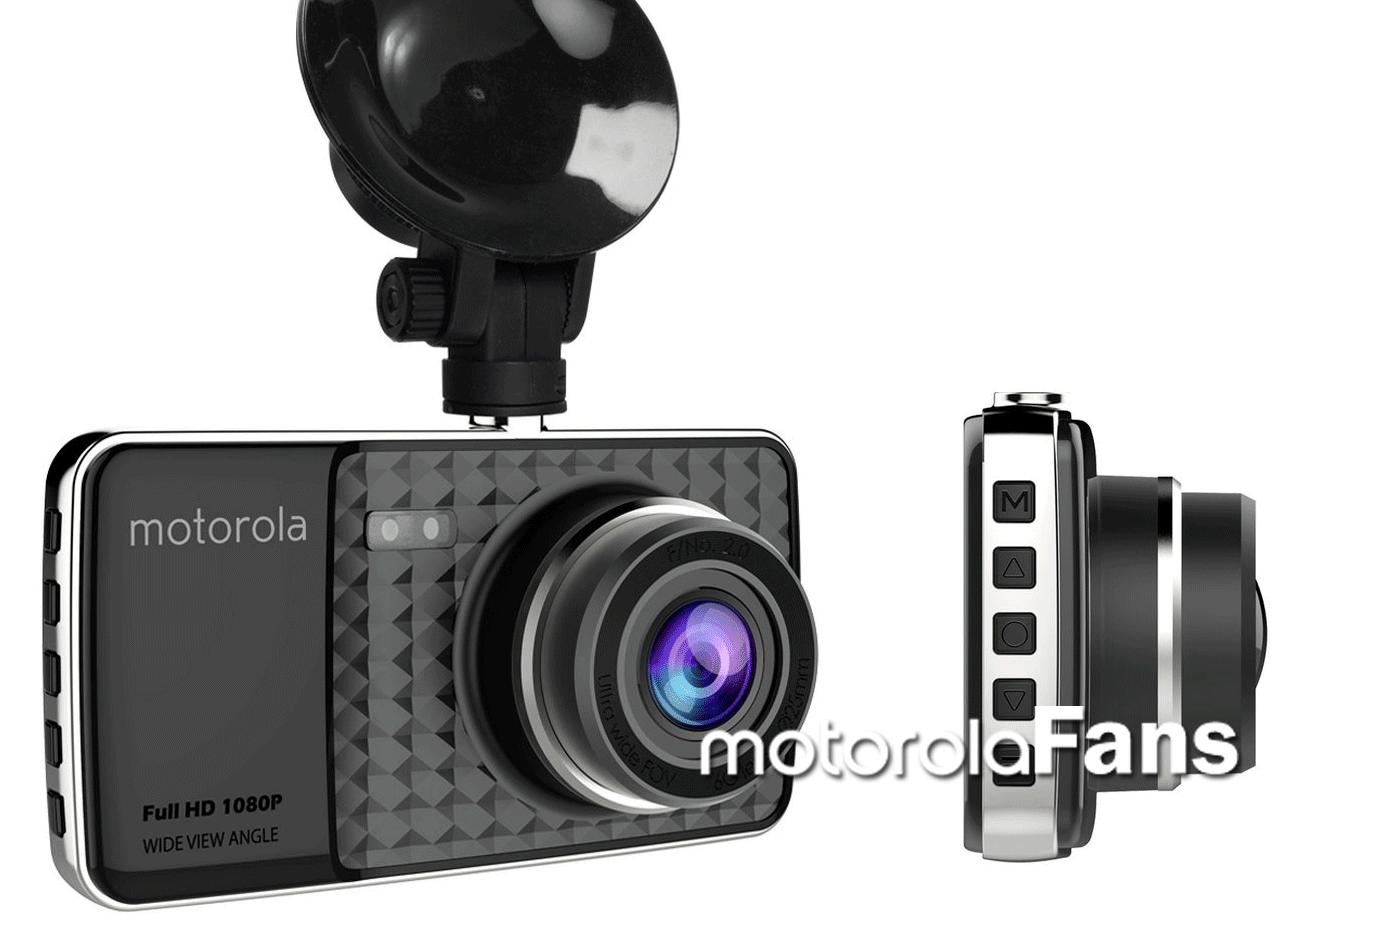 Διαθέσιμη μια νέα dash cam της Motorola με κόστος στα 99 δολάρια 1